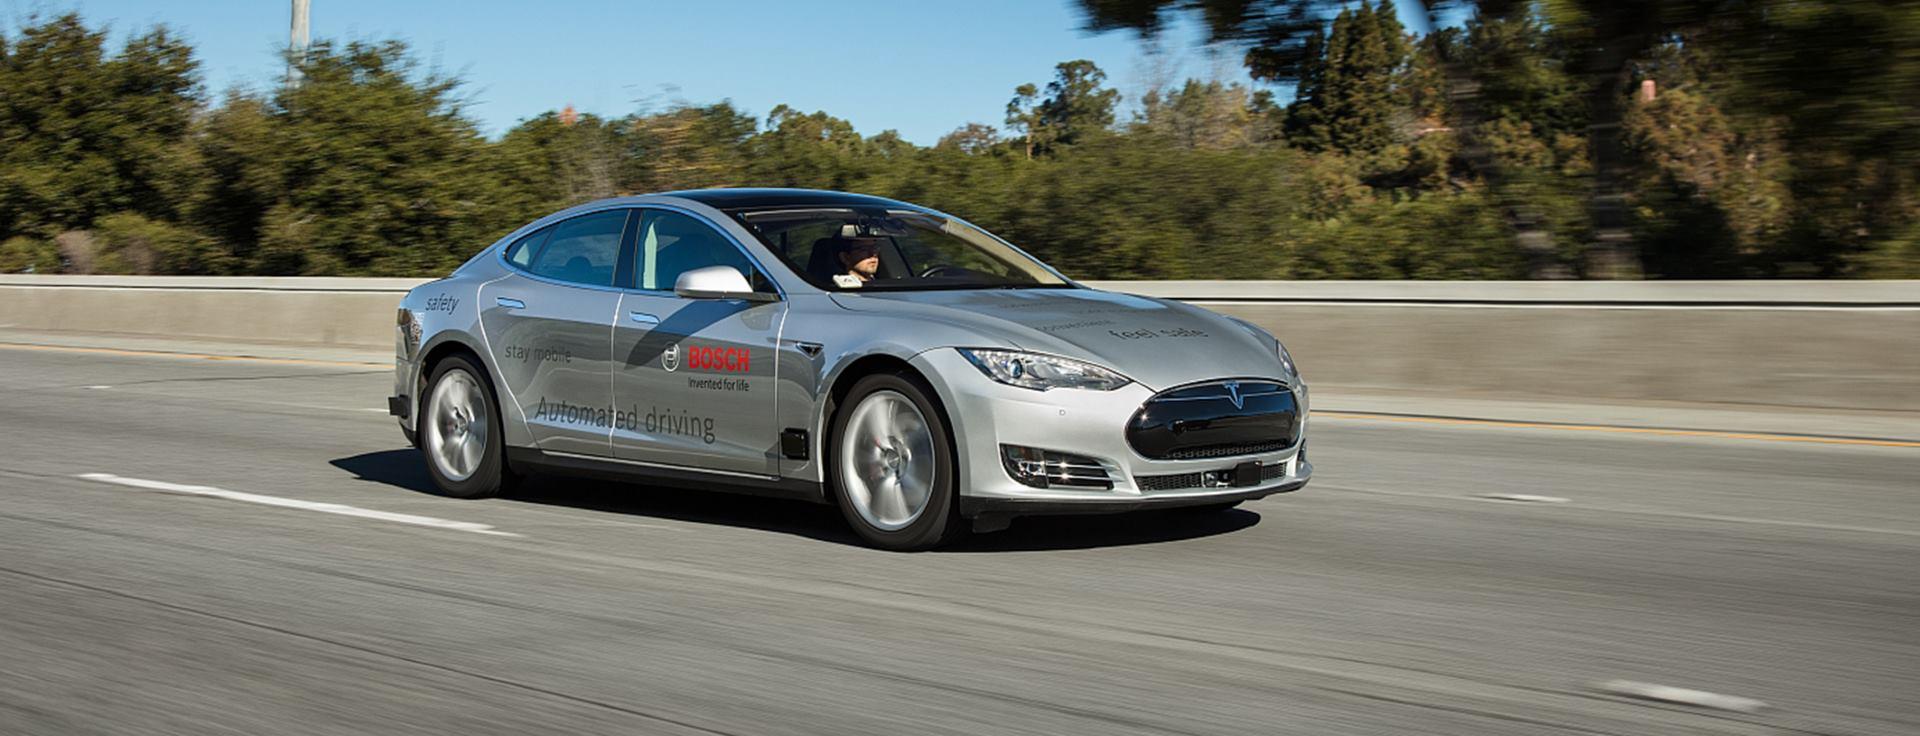 FOTO: Bosch pokreće inicijativu za automatiziranu vožnju u NR Kini